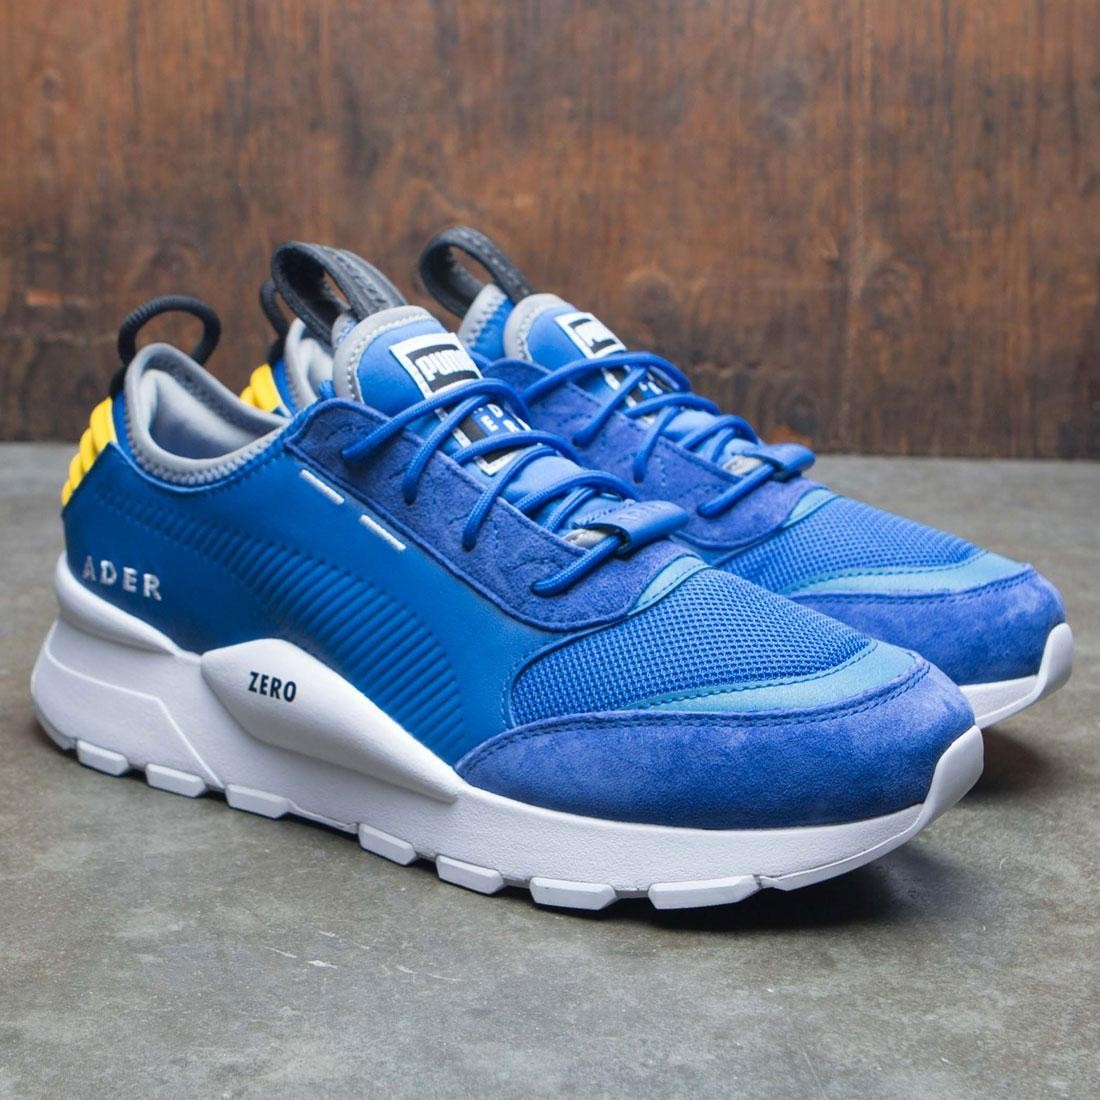 Puma x Ader Error Men RS-0 blue